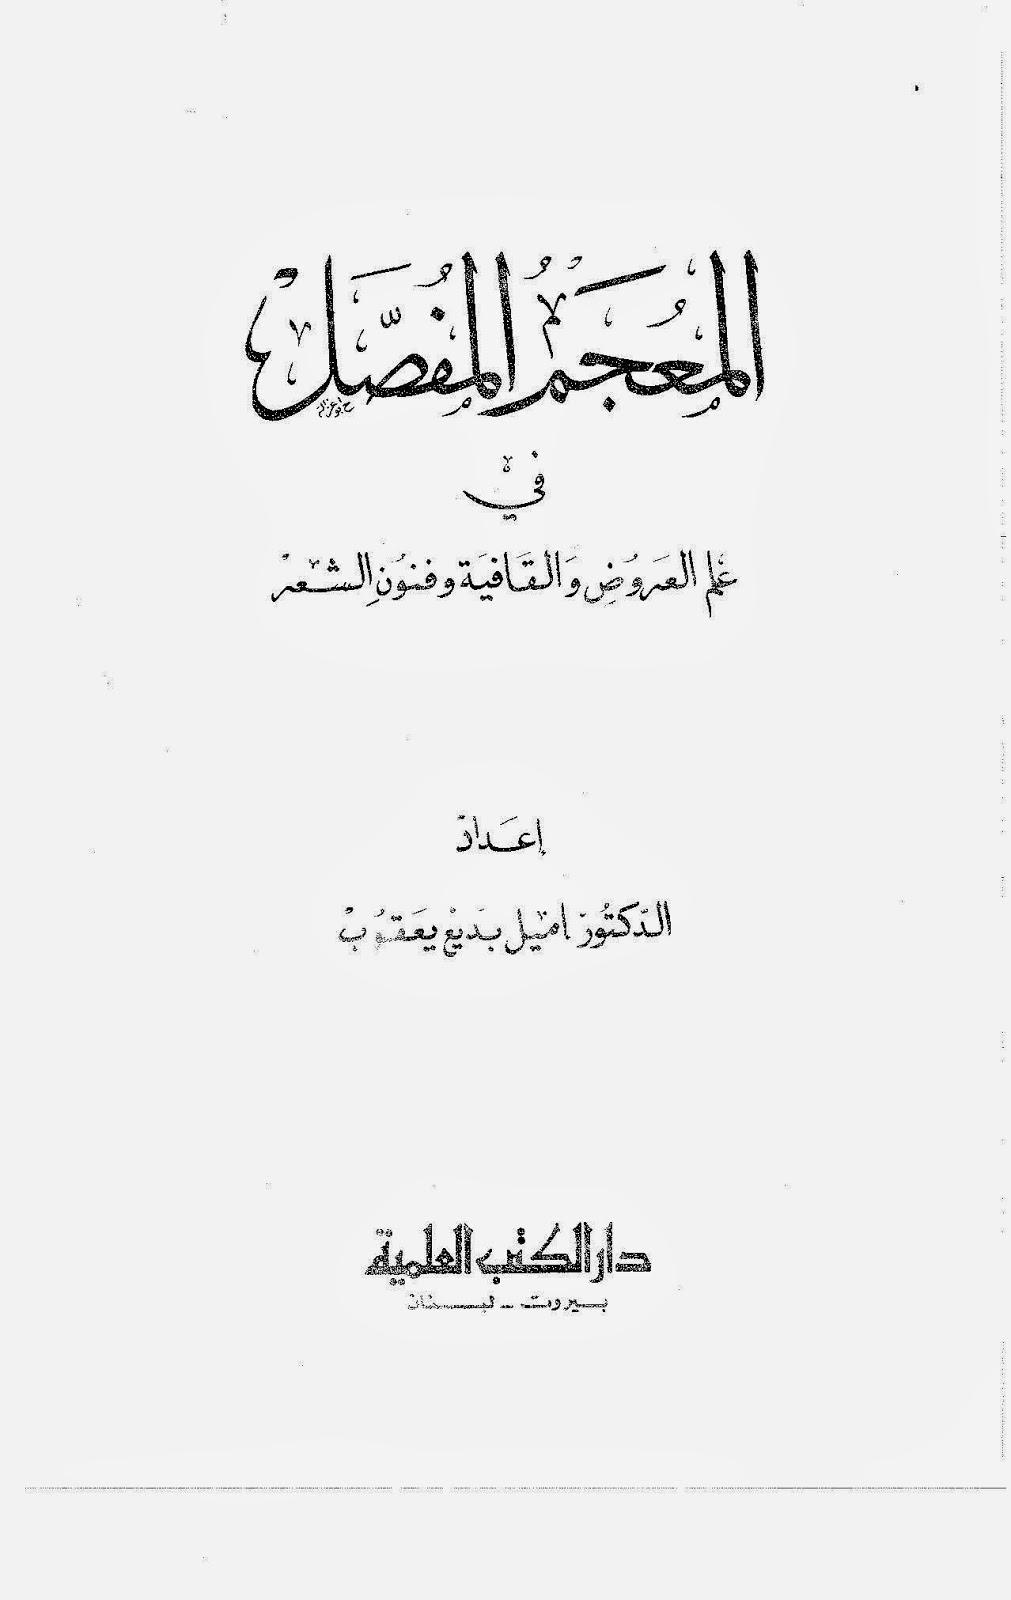 المعجم المفصل في علم العروض والقافية وفنون الشعر - اميل يعقوب pdf